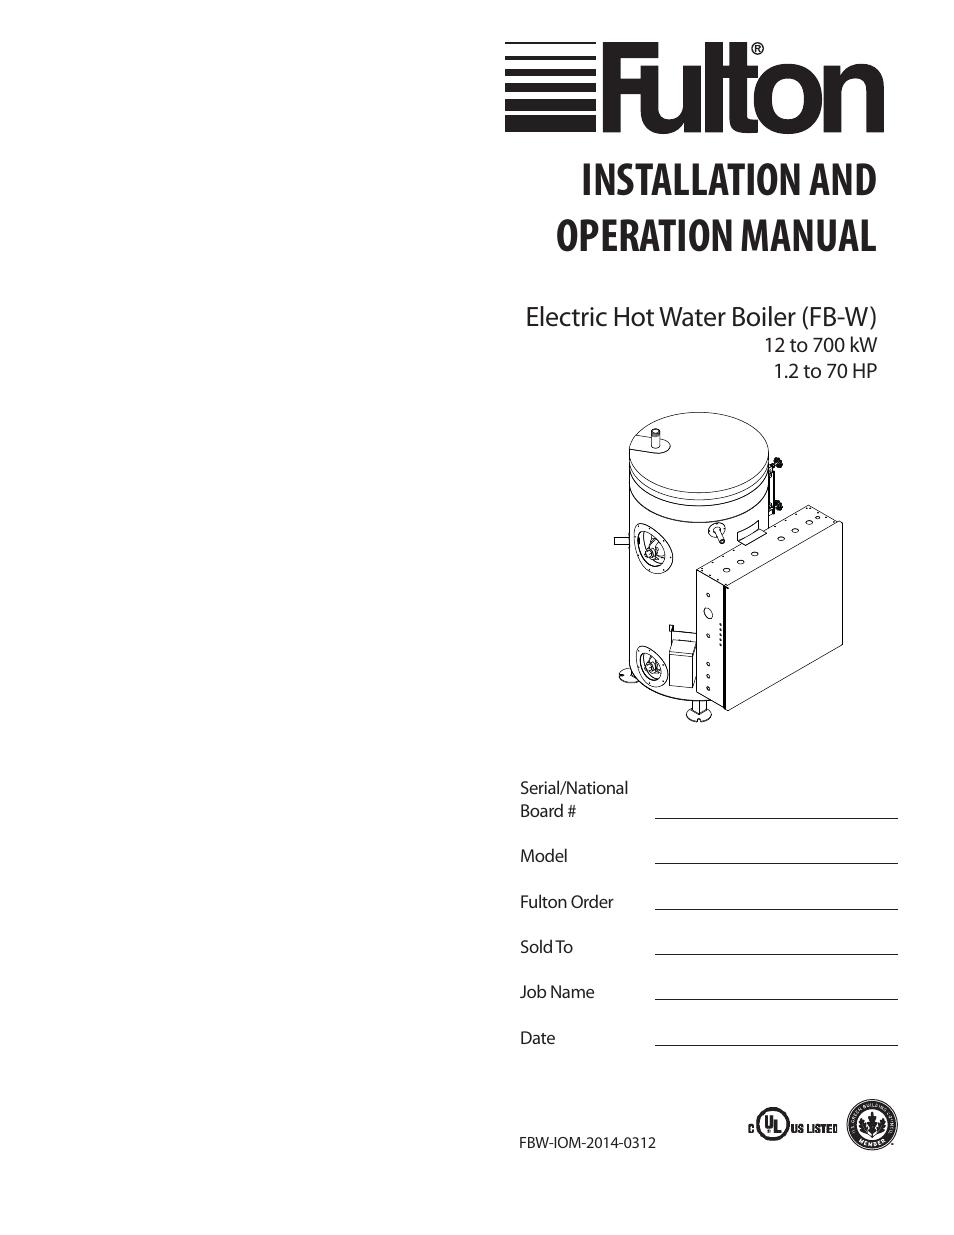 fulton electric fb w hot water boiler user manual 32 pages rh manualsdir com